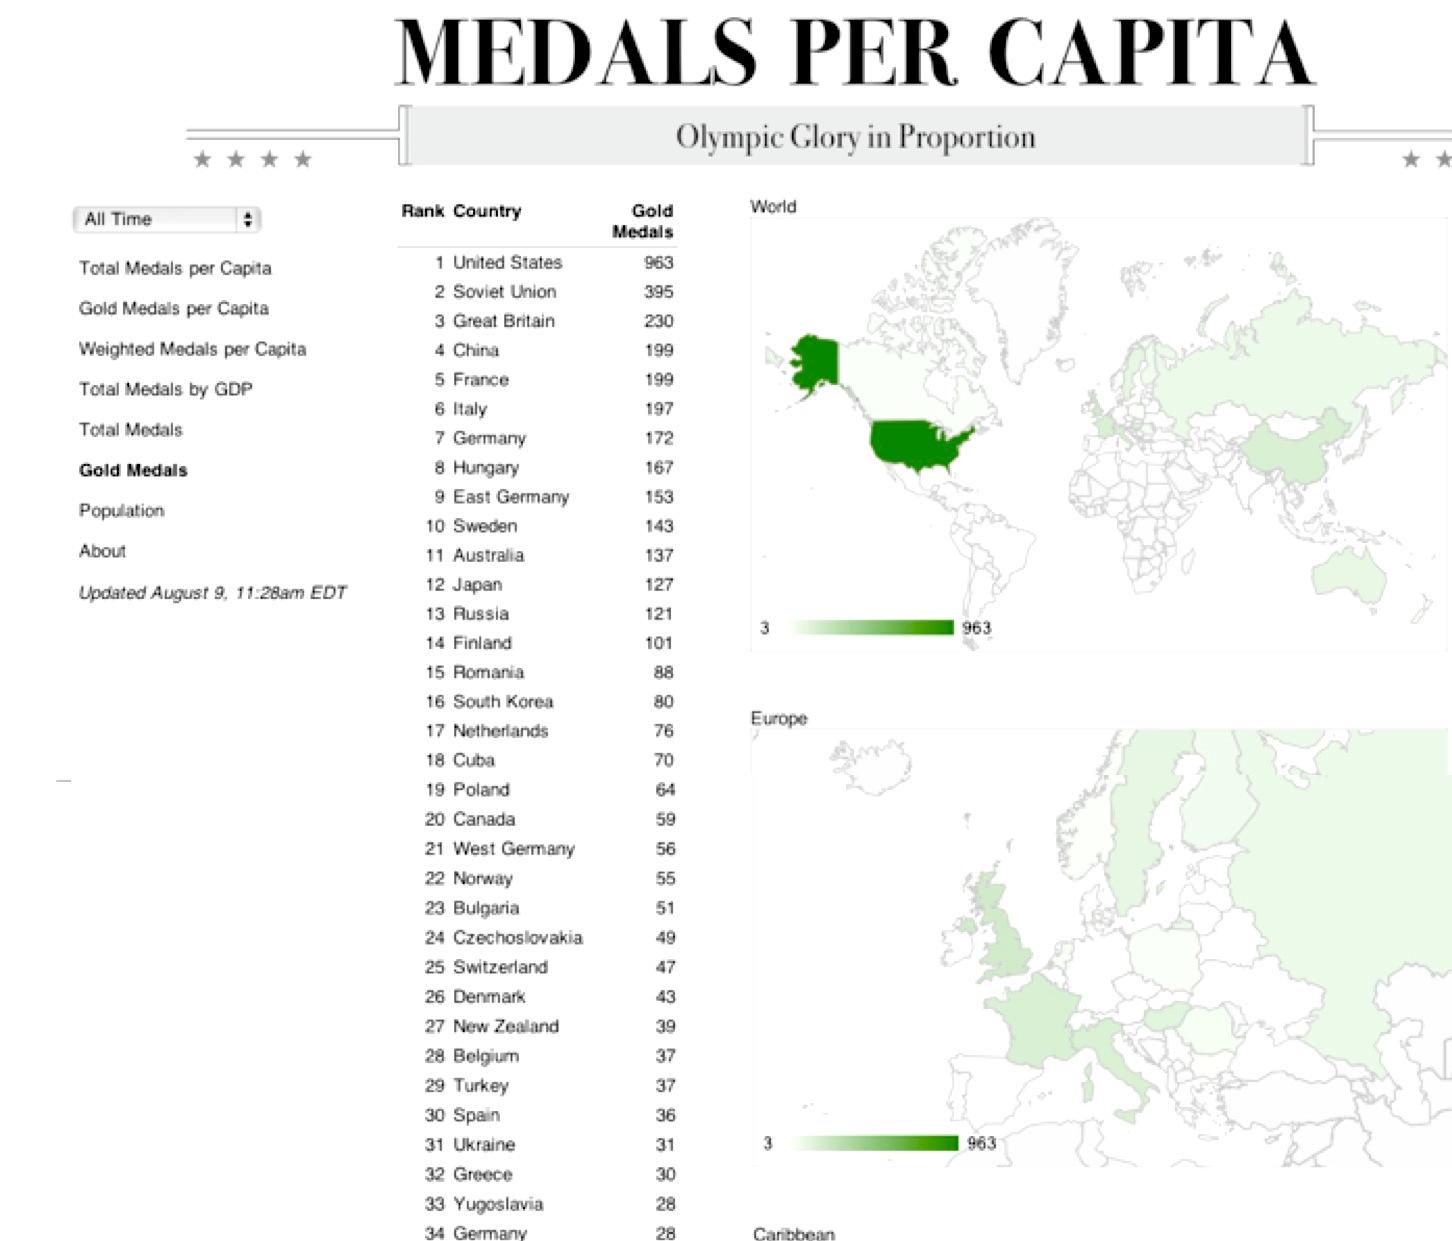 Londres 2012 qu pa ses han ganado m s medallas de oro for Que es una beta de oro